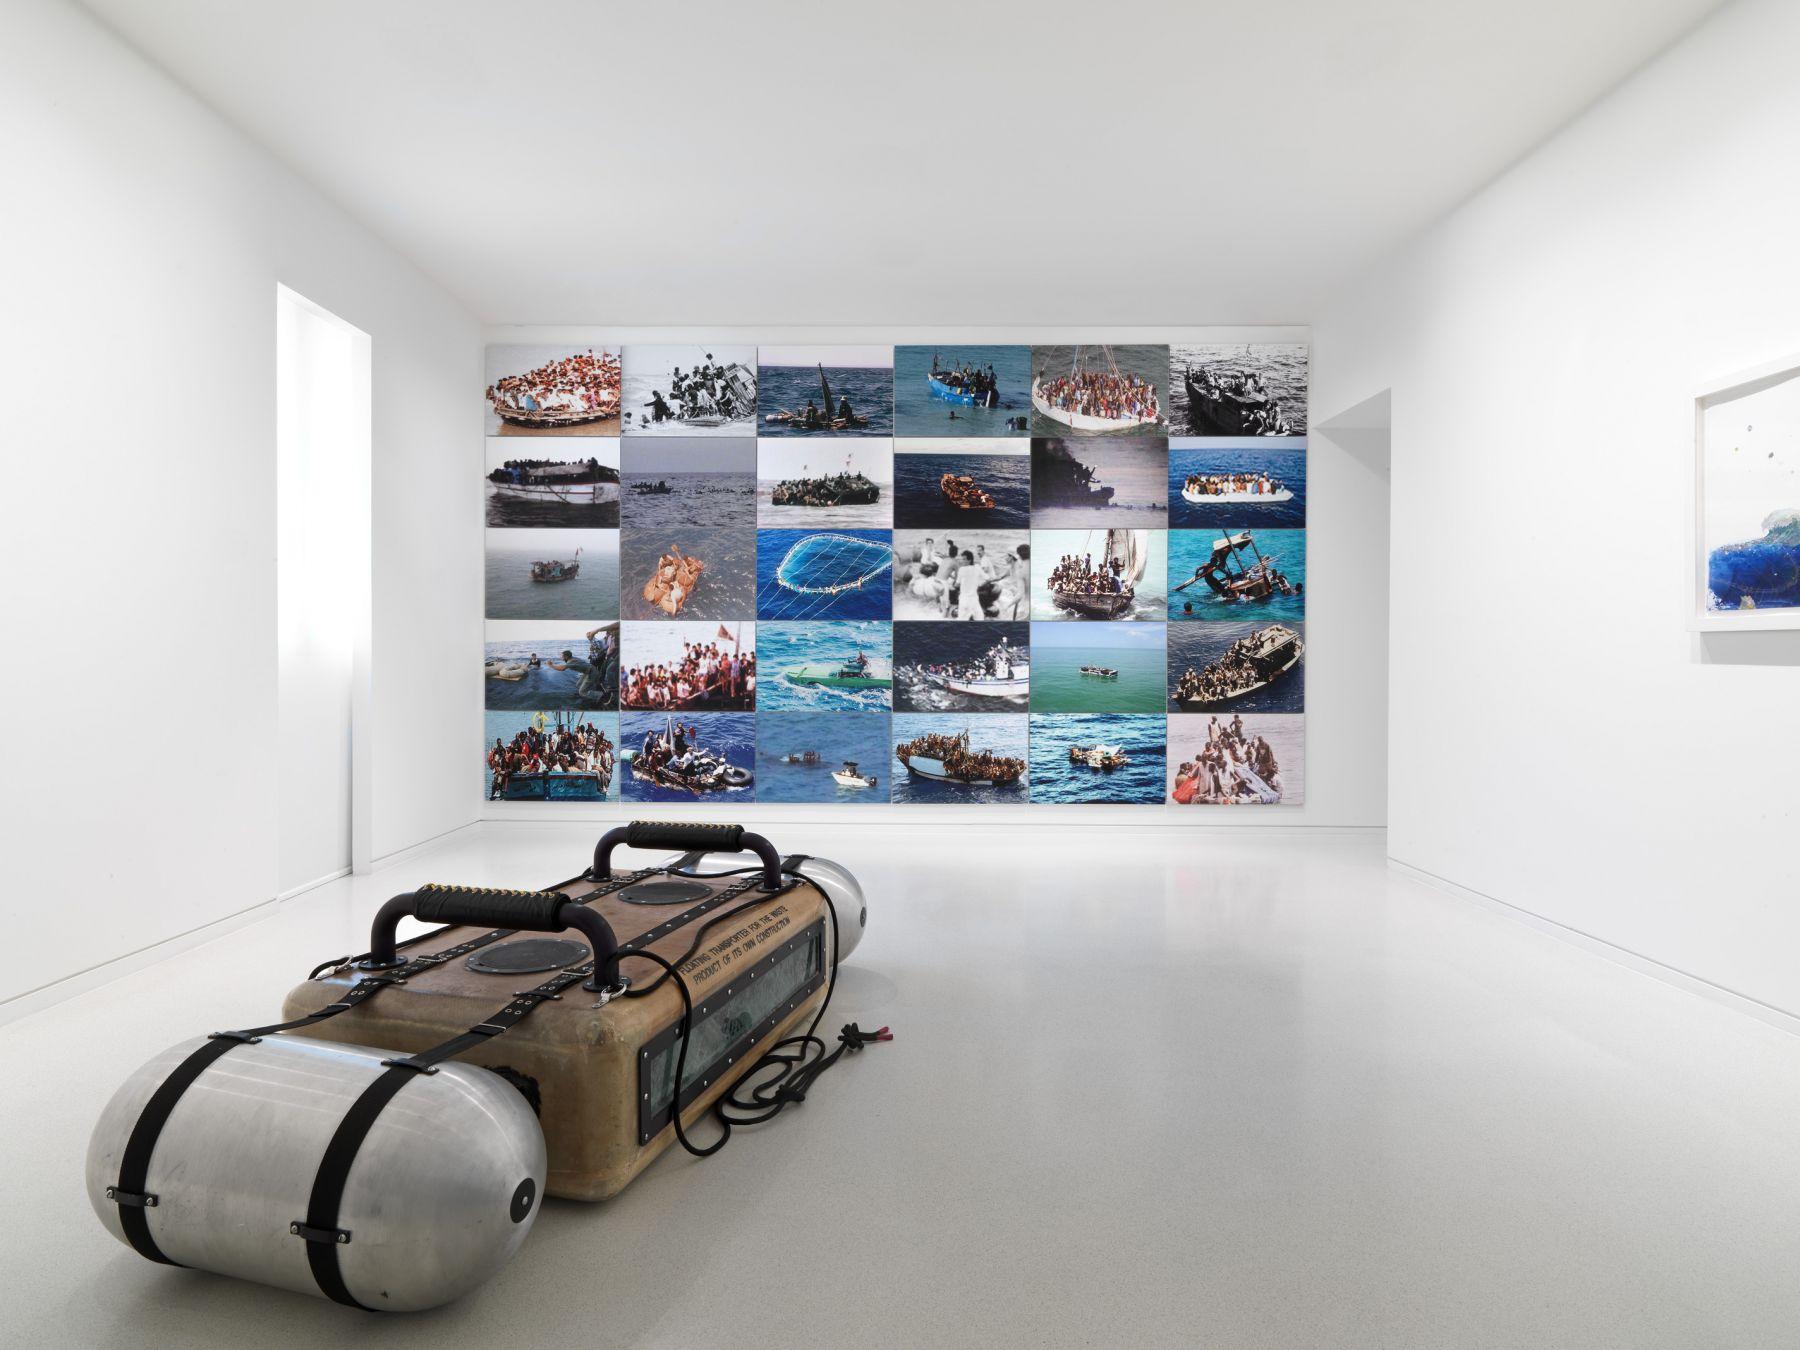 ASHLEY BICKERTON Oceanomania: Souvenirs of Mysterious Seas